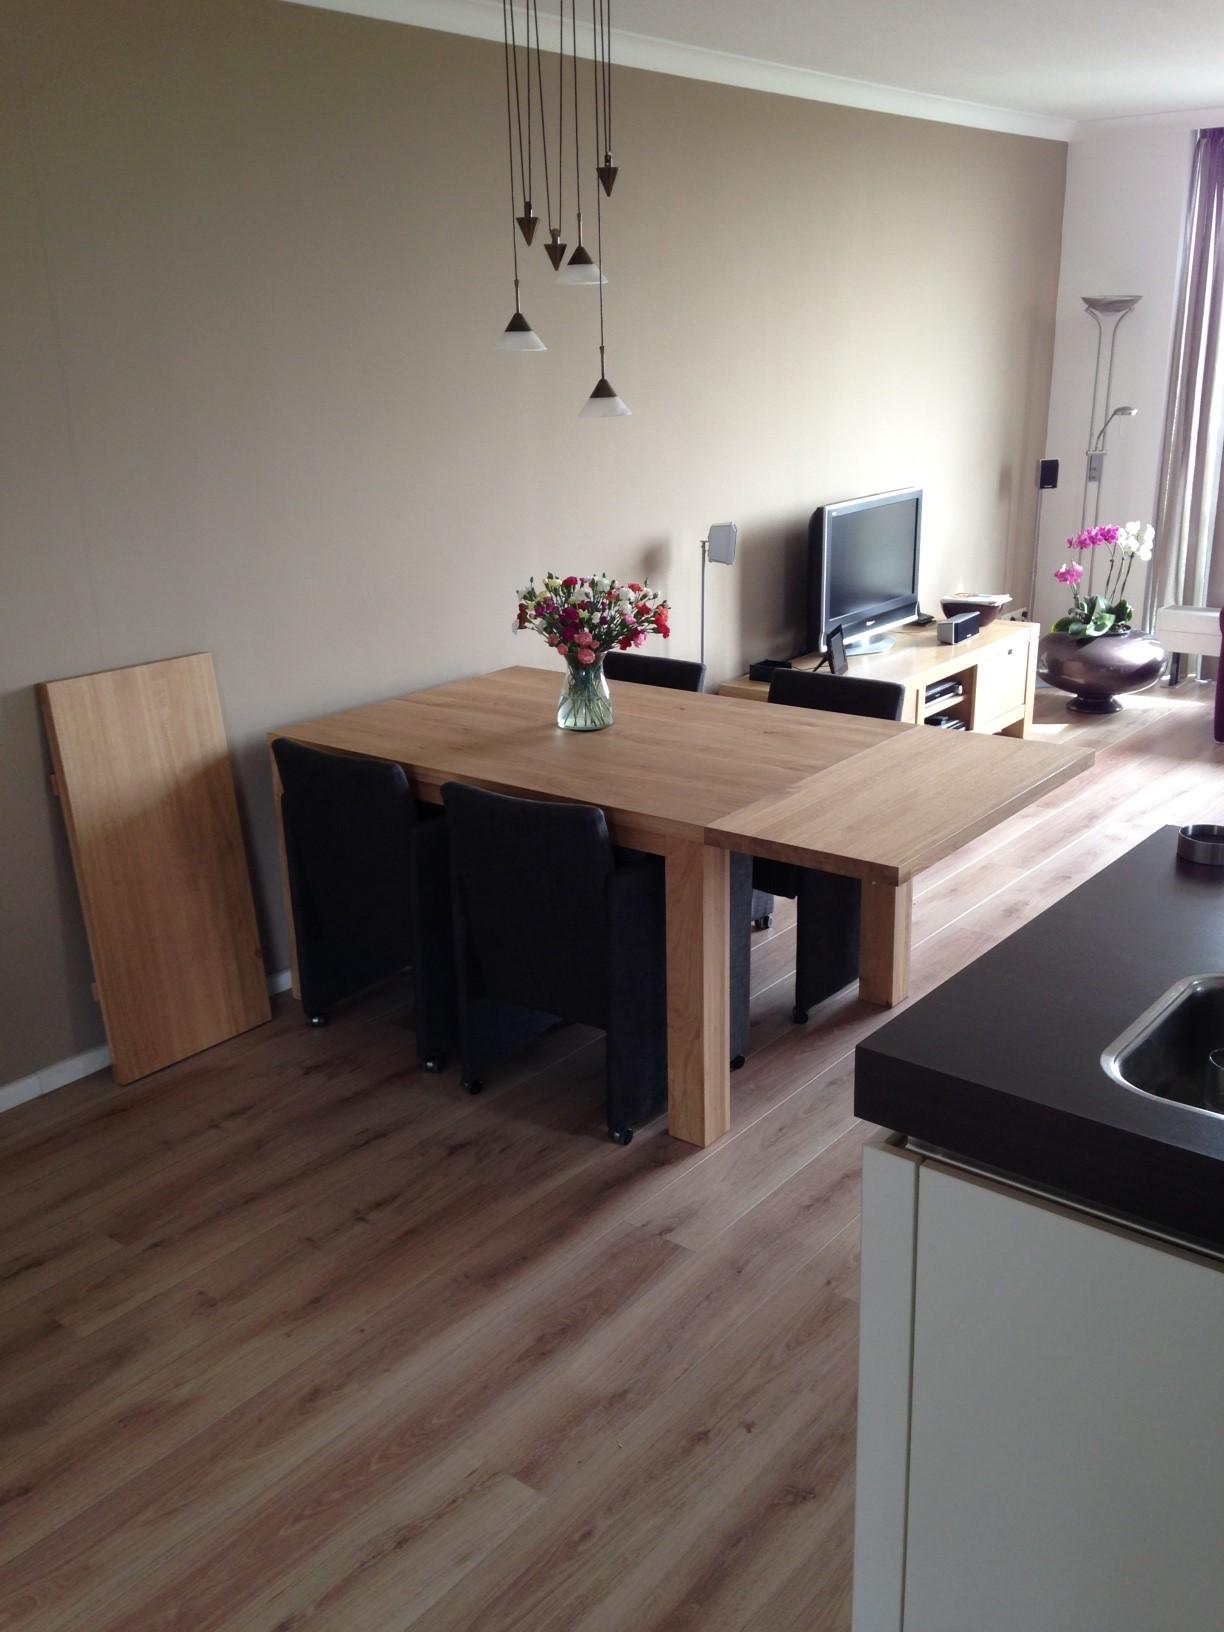 salontafel kleine ruimte: kleine vierkante salontafel: home, Deco ideeën